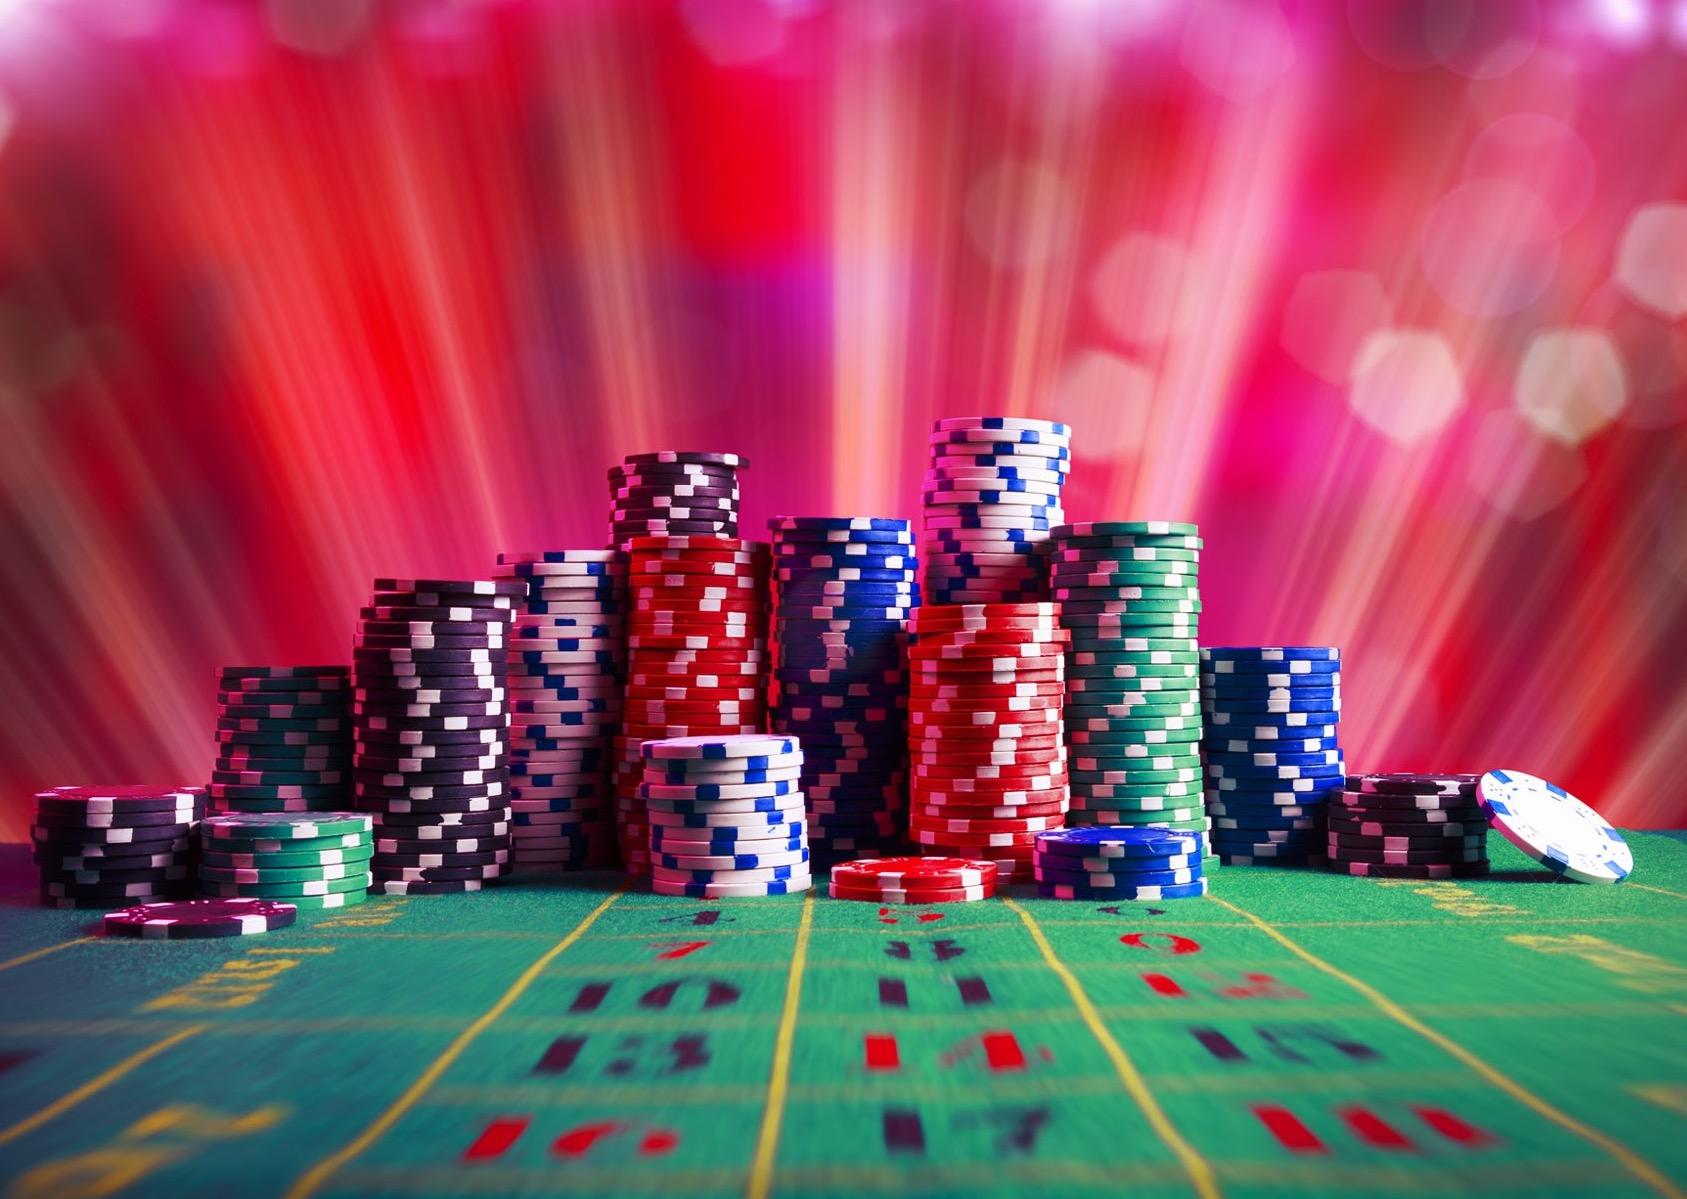 Играть в онлайн казино на реальные деньги в году